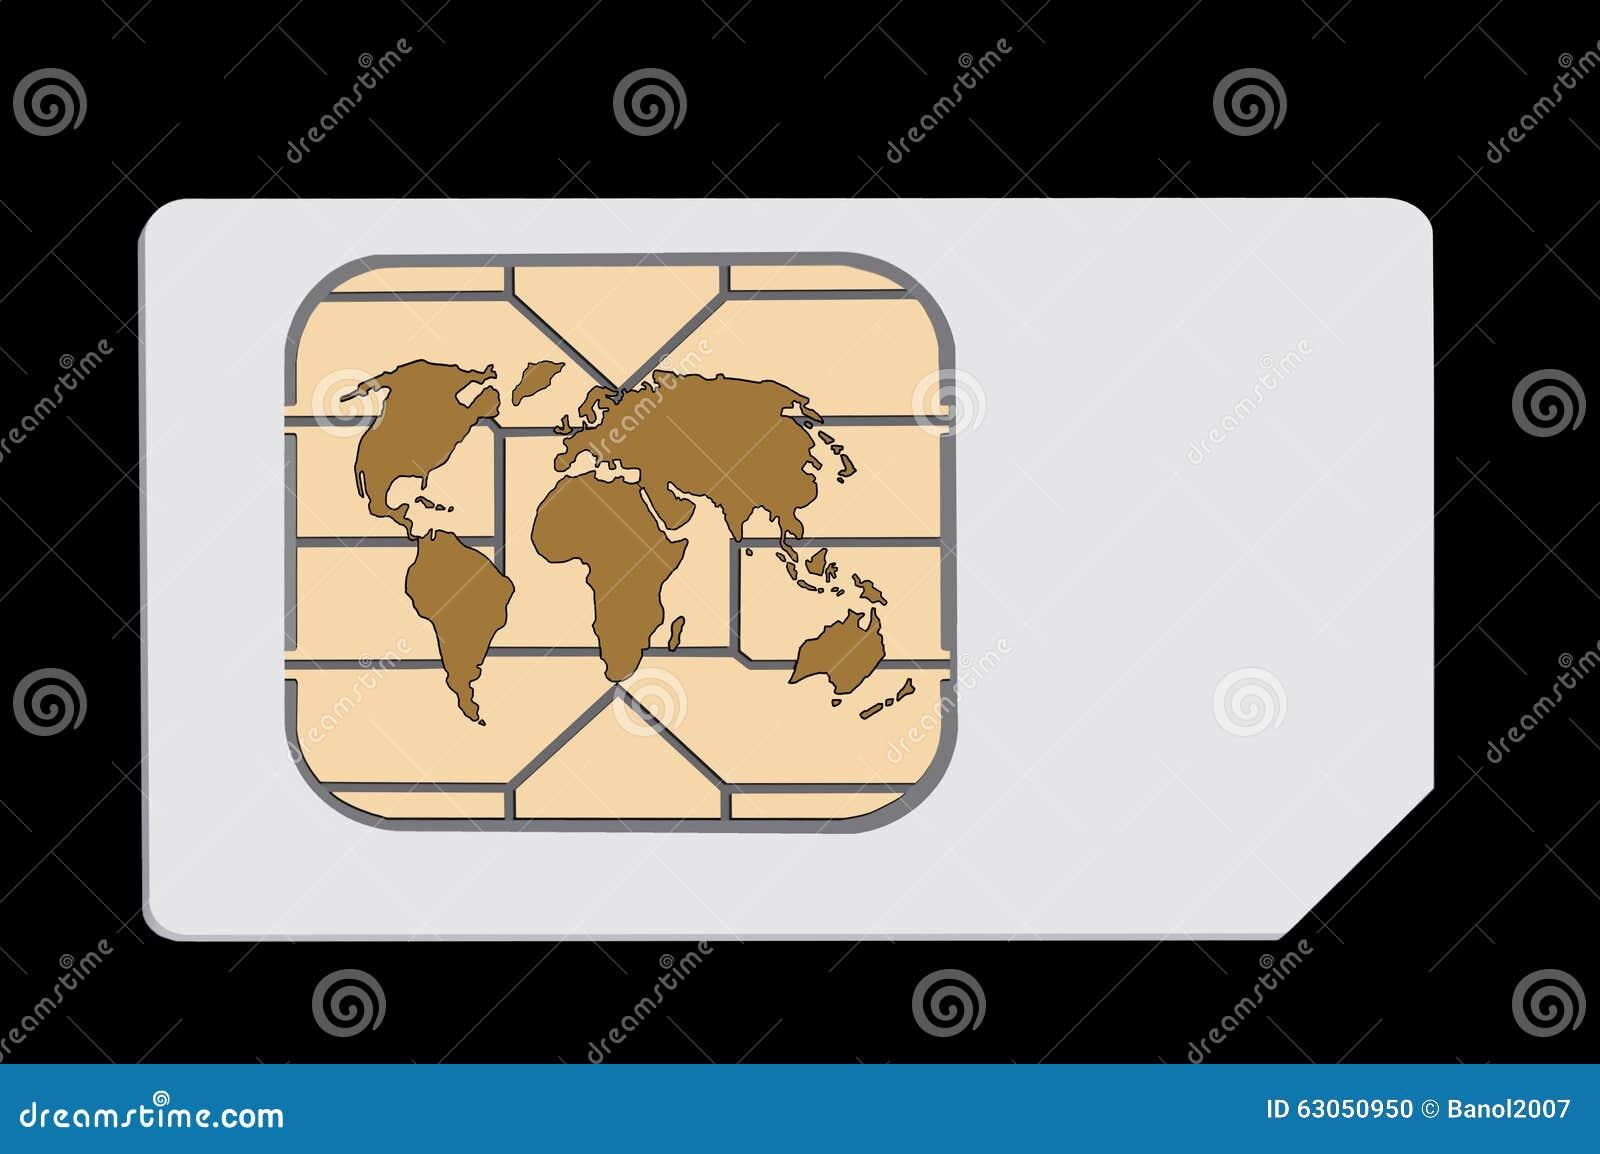 Sim Travel World Data Sim Card